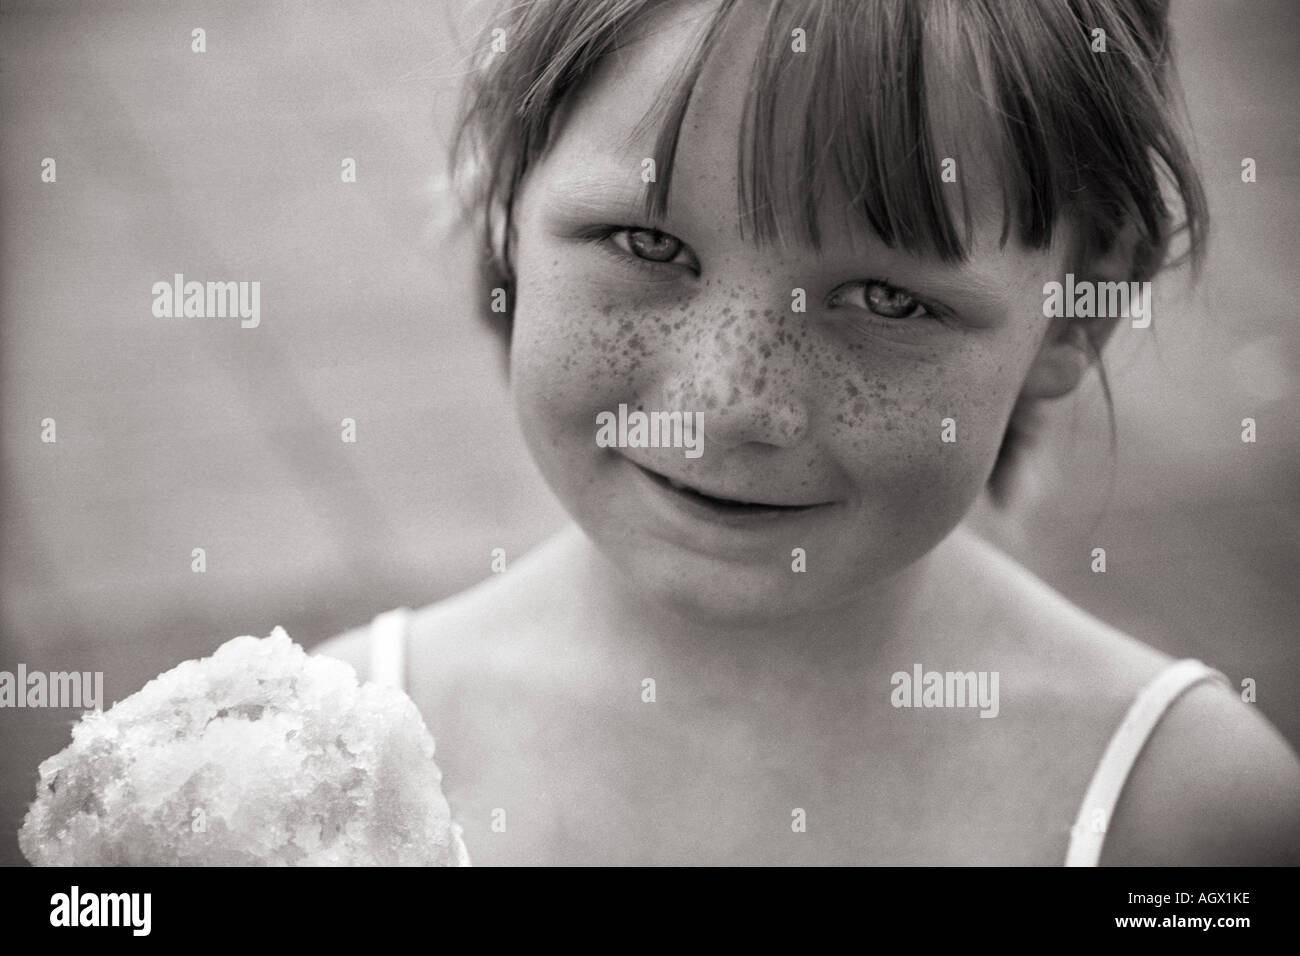 Gros plan d'une rousseur face fille avec cône de neige. Photo Stock